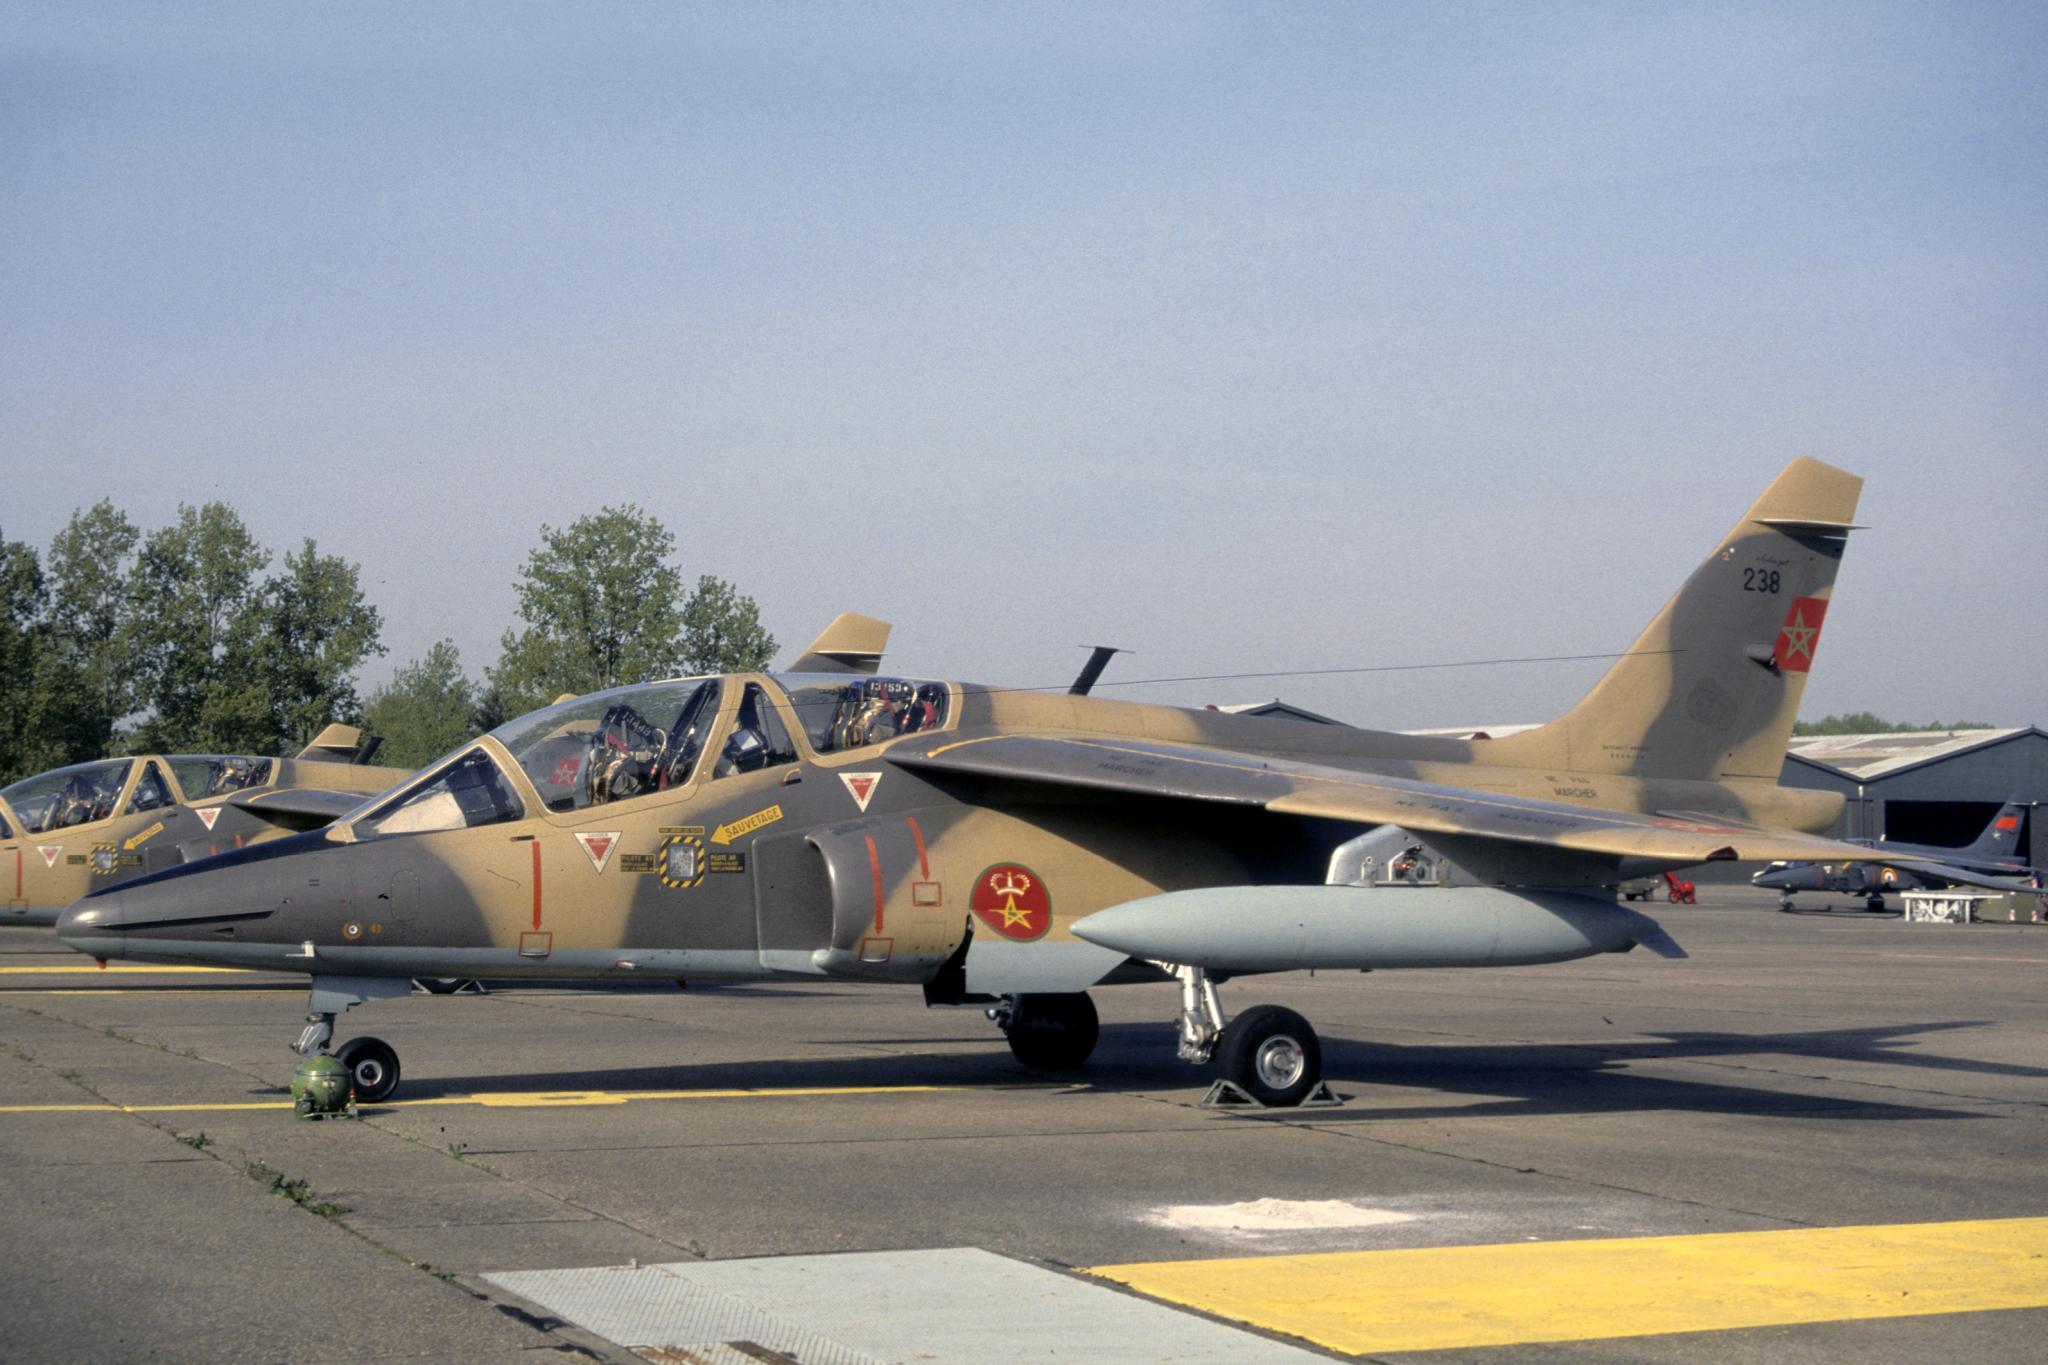 FRA: Photos avions d'entrainement et anti insurrection - Page 9 32731429137_925367d8b1_o